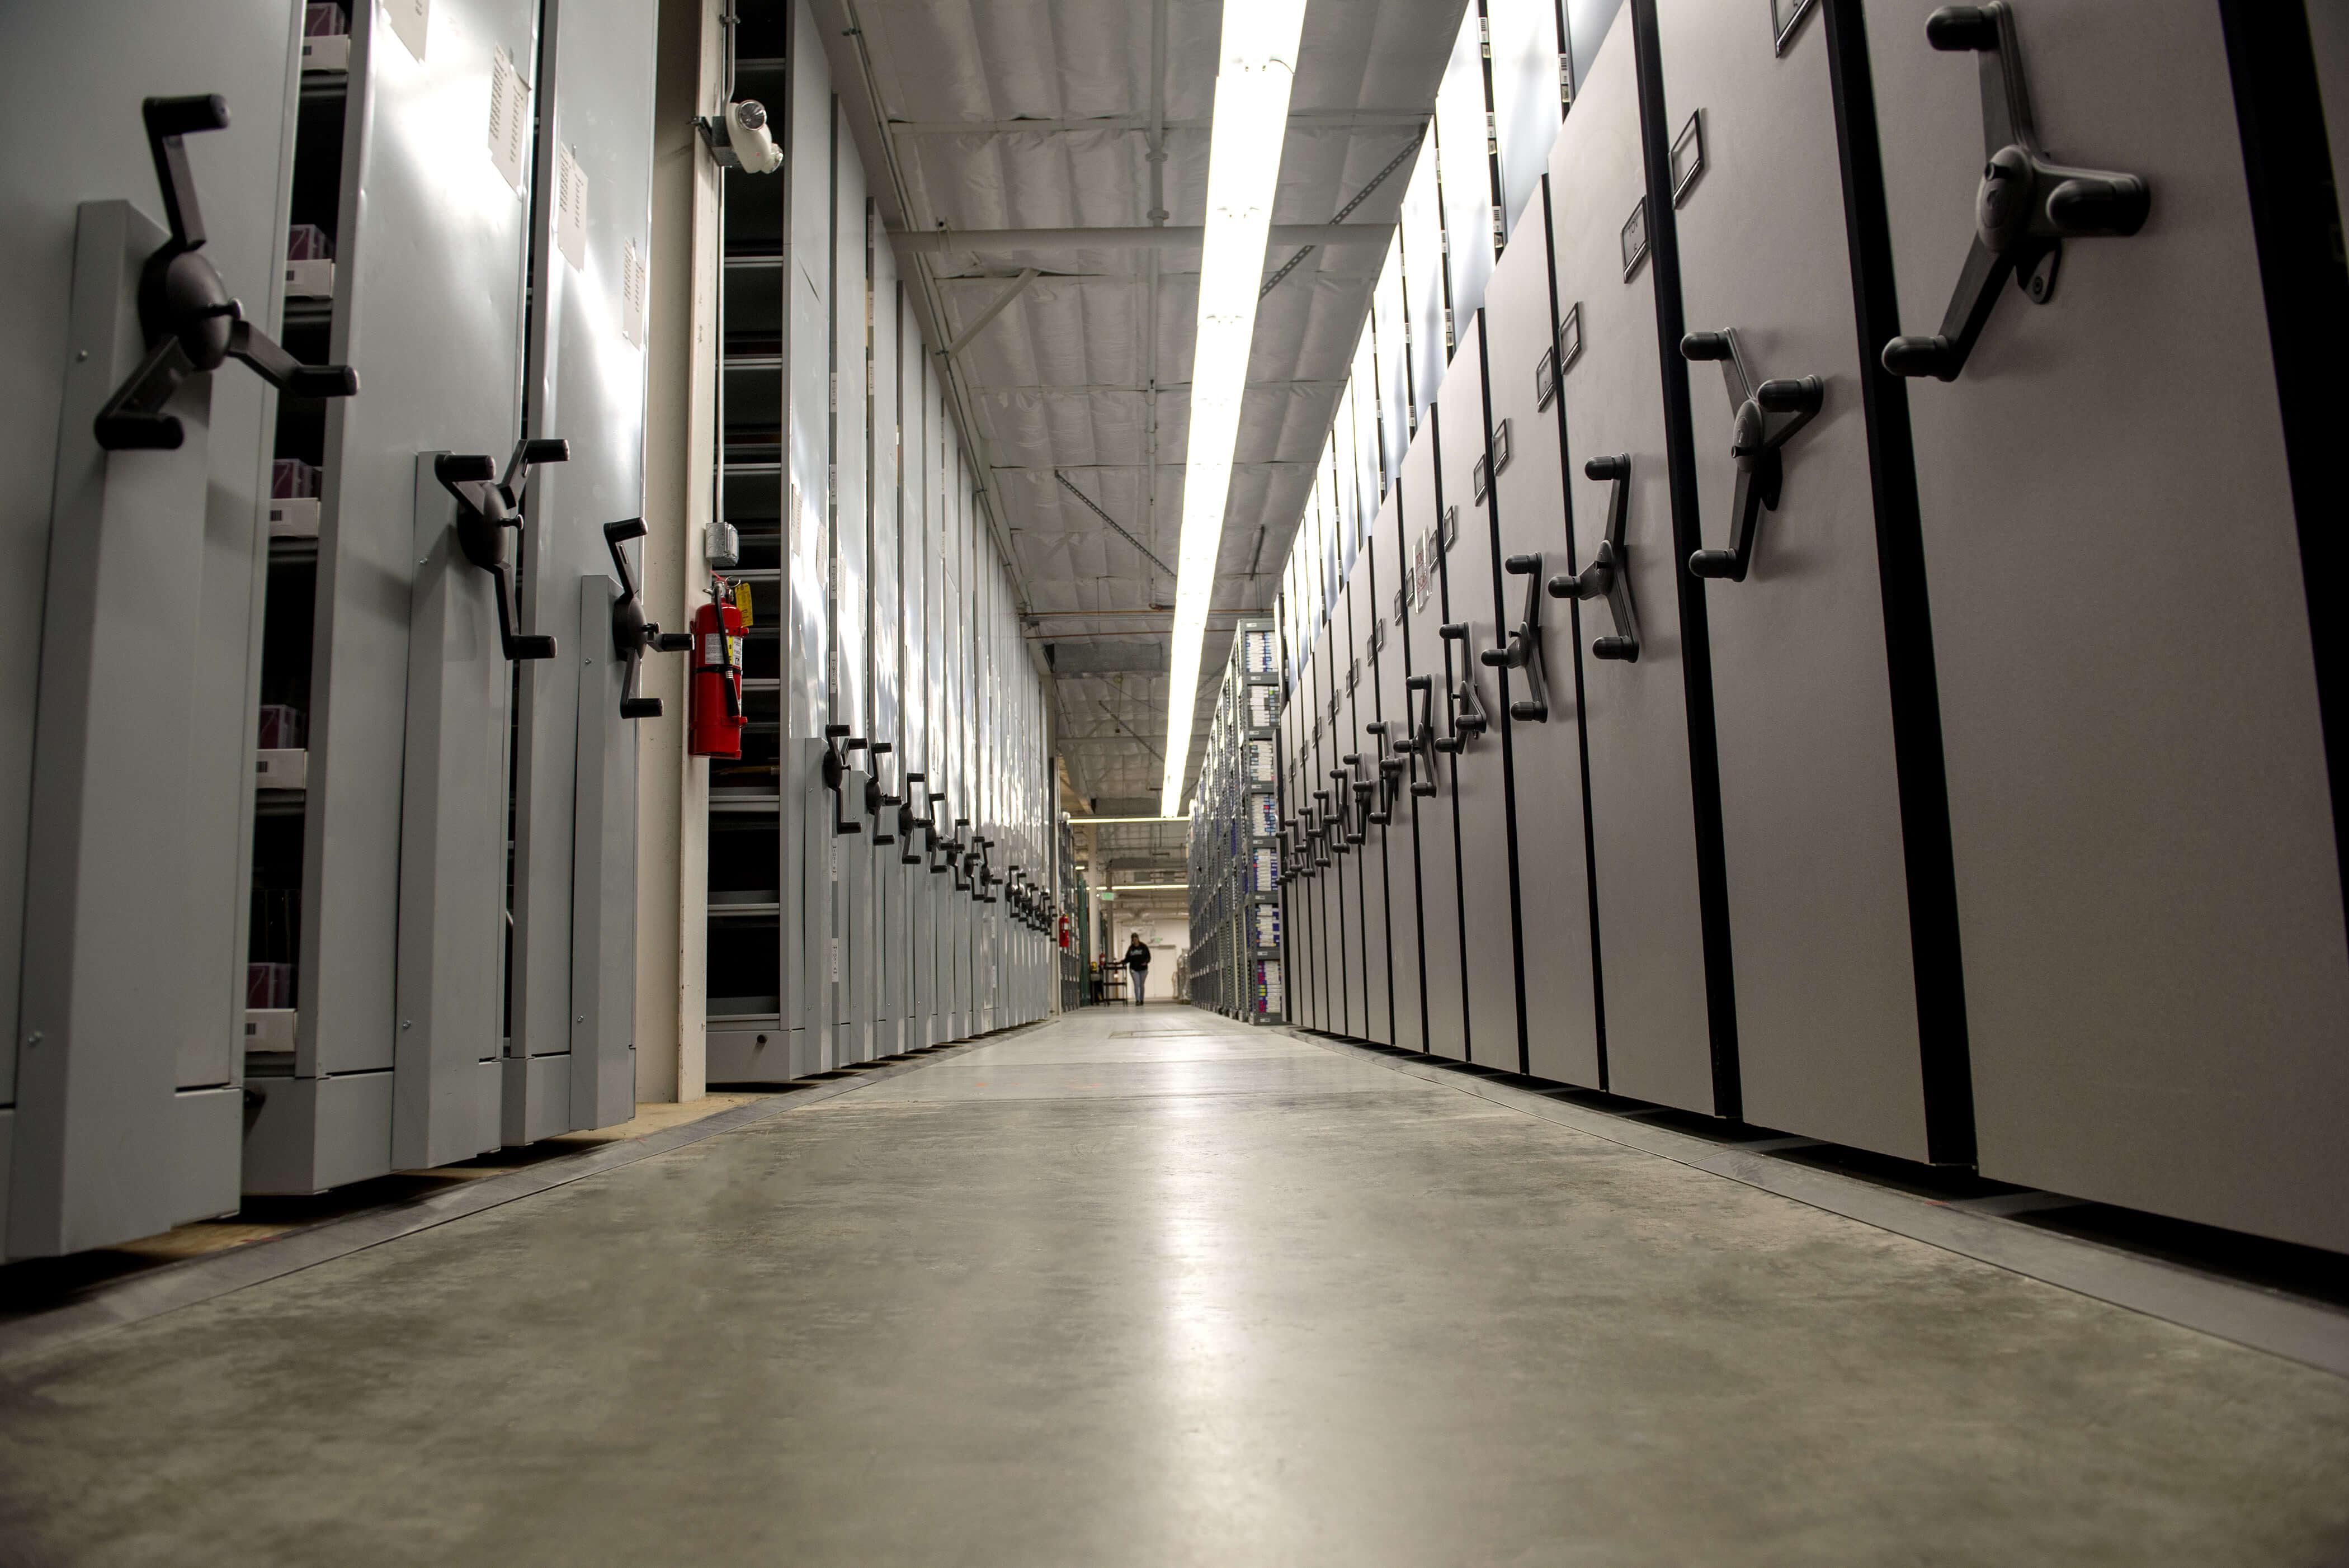 Warehouse storage vault